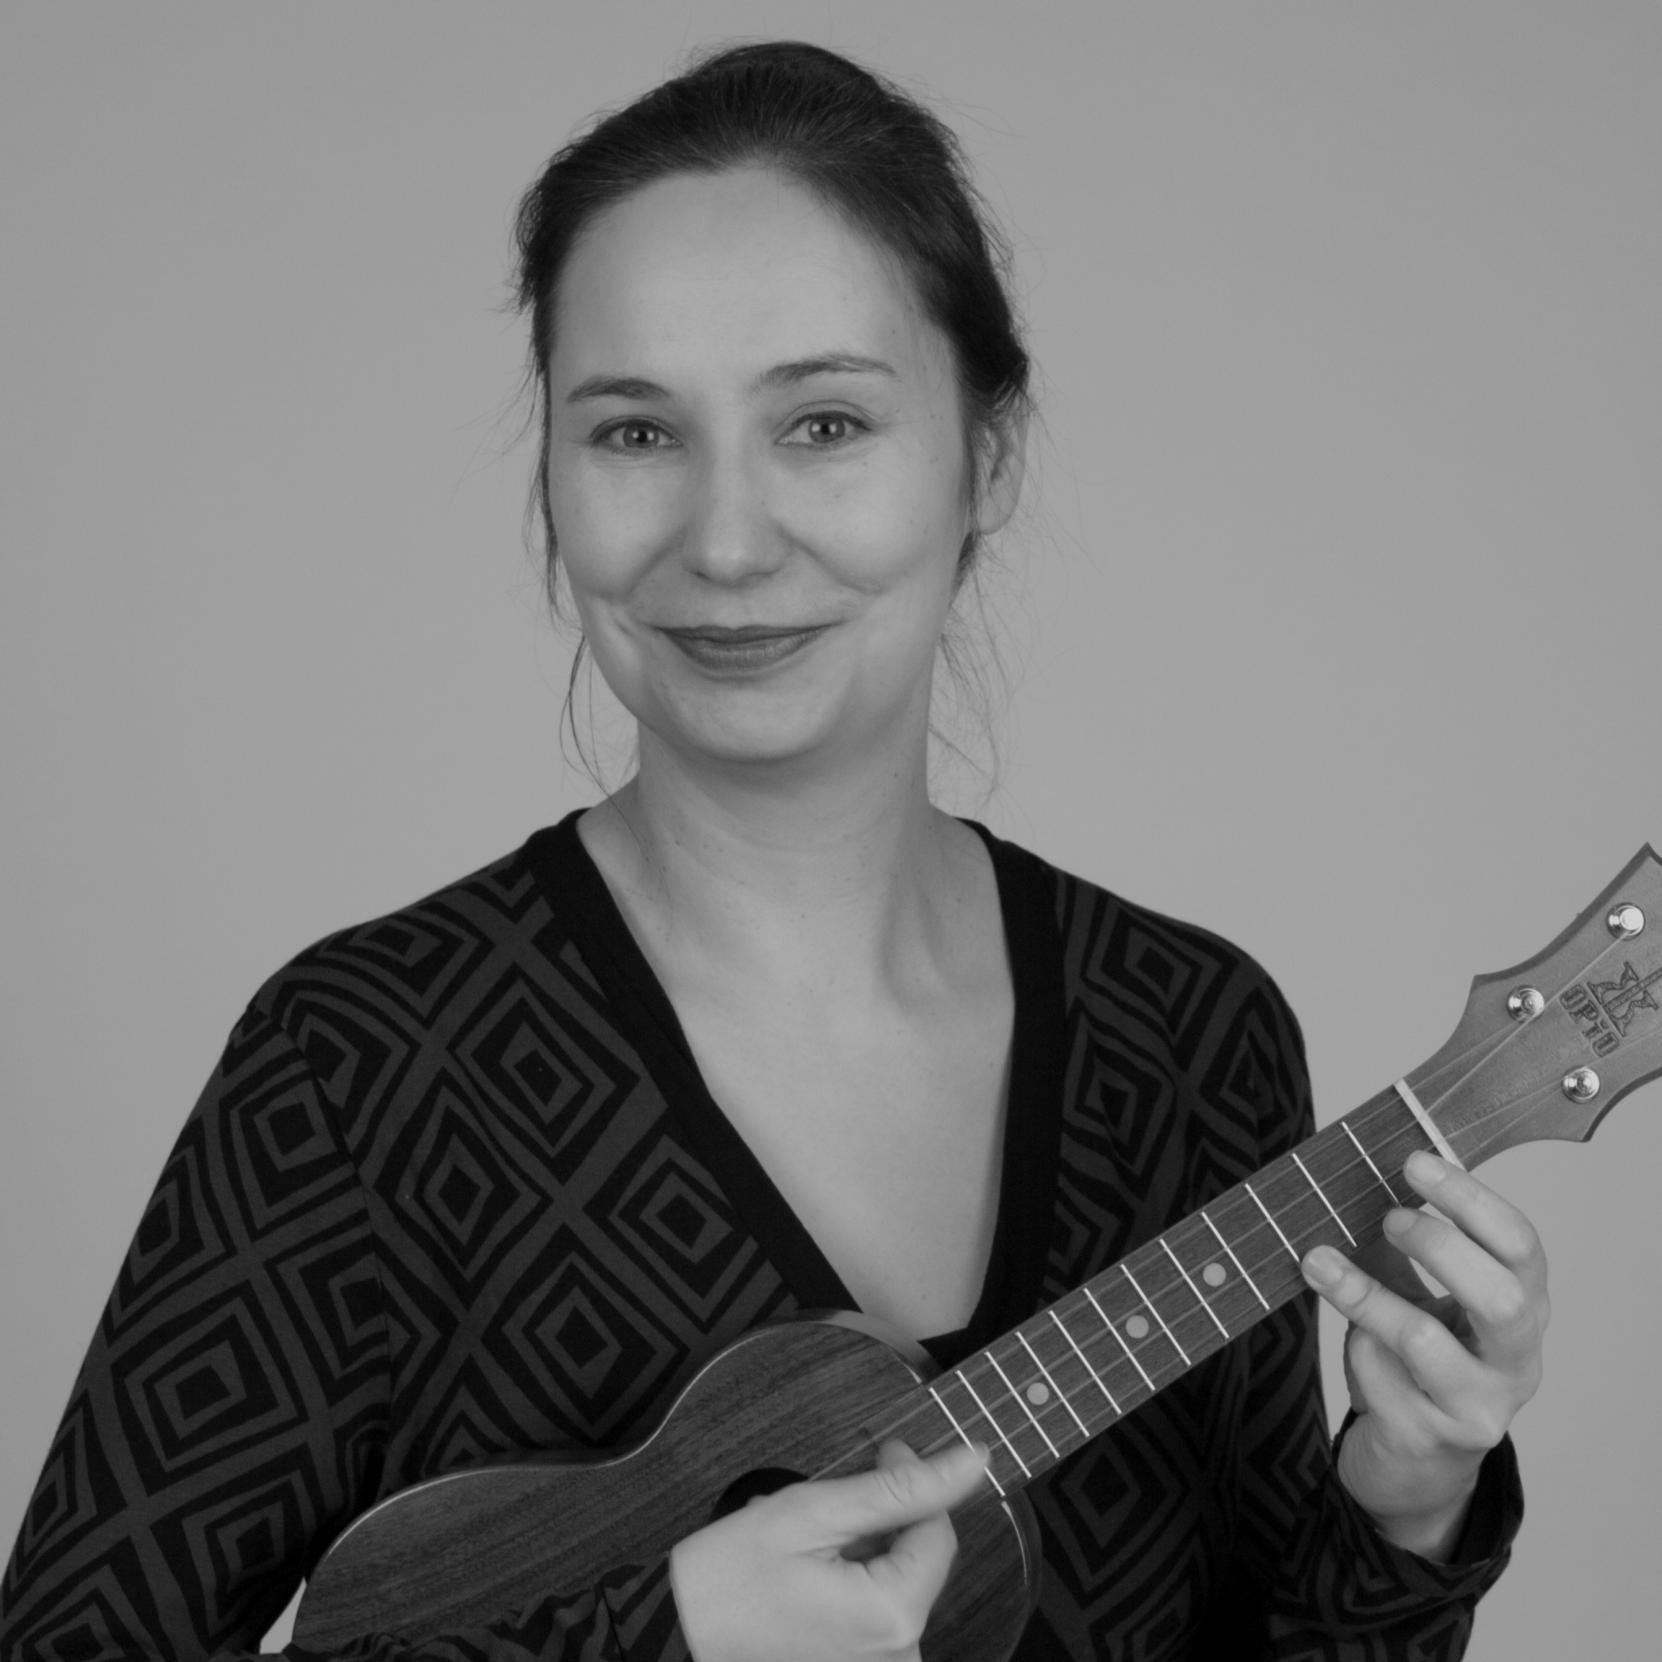 Nina Brandner